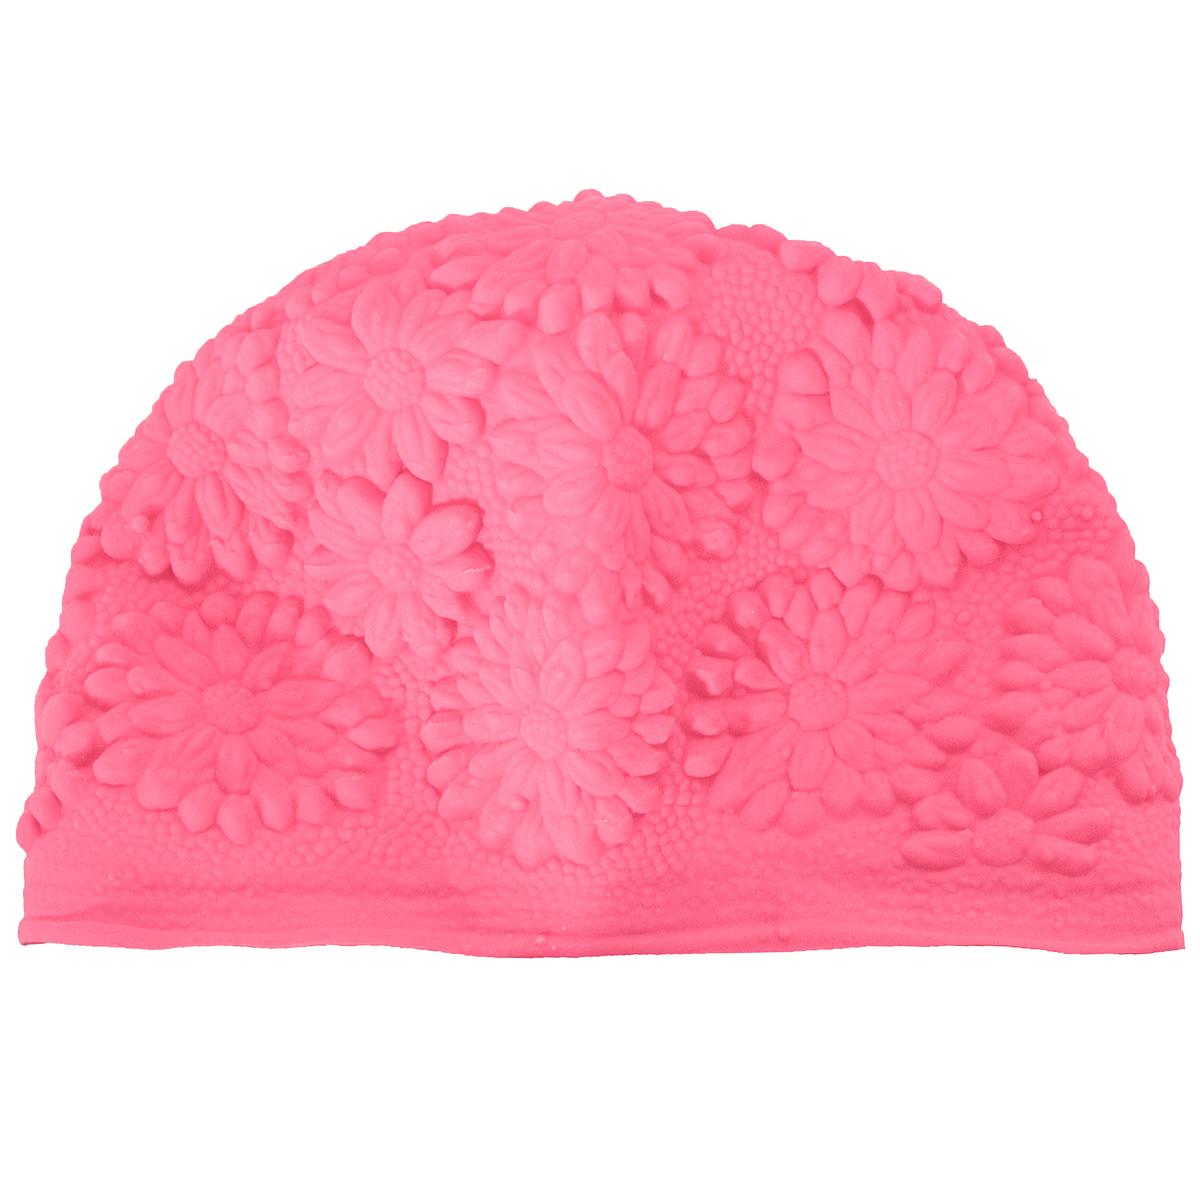 Шапочка для плавания MadWave Hawaii Chrysanthemum, женская, цвет: розовыйM0517 01 0 11WЛатексная шапочка для плавания MadWave Hawaii Chrysanthemum декорирована цветочным рельефом. Имеет превосходную эластичность и высокий уровень комфорта. Высококачественный материал обеспечивает долгий срок службы. Пузырьковая поверхность уменьшает площадь соприкосновения с волосами. Обхват головы: 53 см.